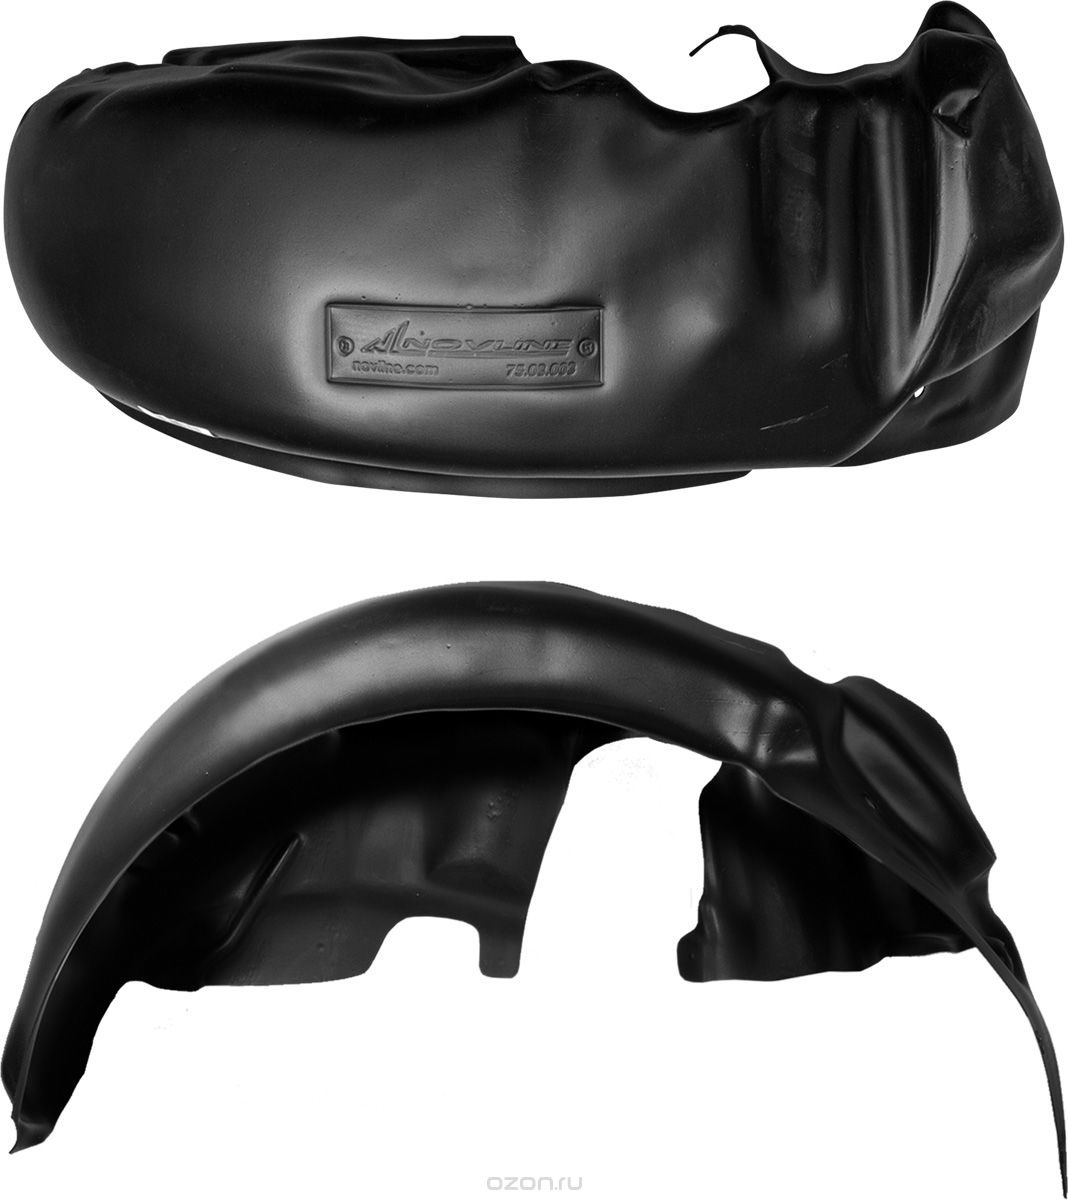 Подкрылок Novline-Autofamily, для Kia Rio III, 2005-2010, 2010-2011, передний левыйVCA-00Идеальная защита колесной ниши. Локеры разработаны с применением цифровых технологий, гарантируют максимальную повторяемость поверхности арки. Изделия устанавливаются без нарушения лакокрасочного покрытия автомобиля, каждый подкрылок комплектуется крепежом. Уважаемые клиенты, обращаем ваше внимание, что фотографии на подкрылки универсальные и не отражают реальную форму изделия. При этом само изделие идет точно под размер указанного автомобиля.